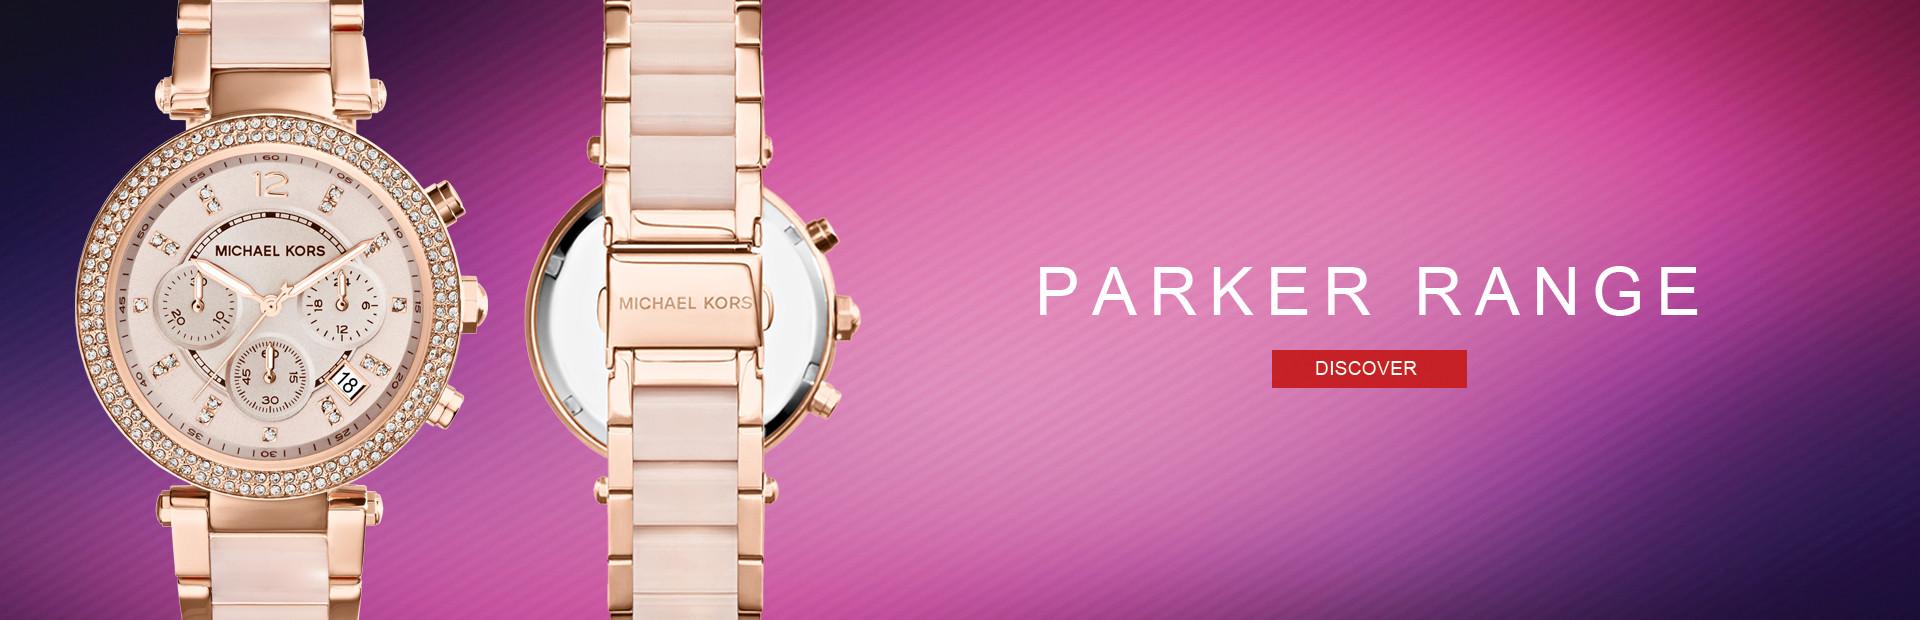 Parker-Range